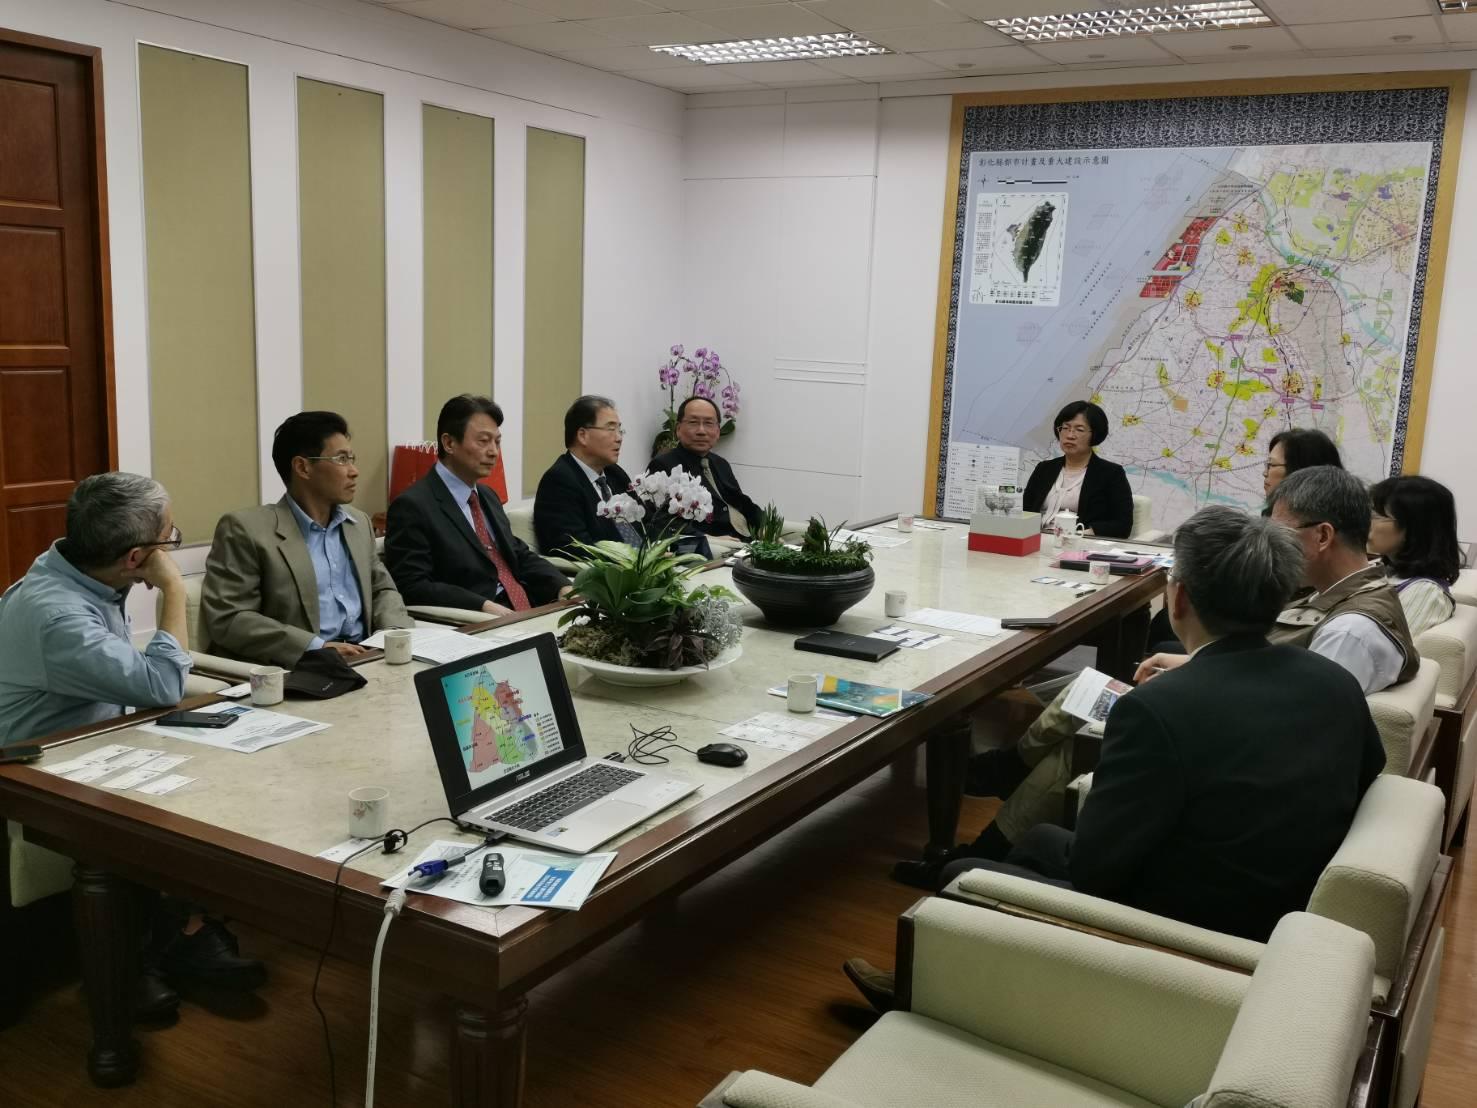 東海大學團隊拜訪彰化縣府,針對地方創生與對接窗口進行業務交流。